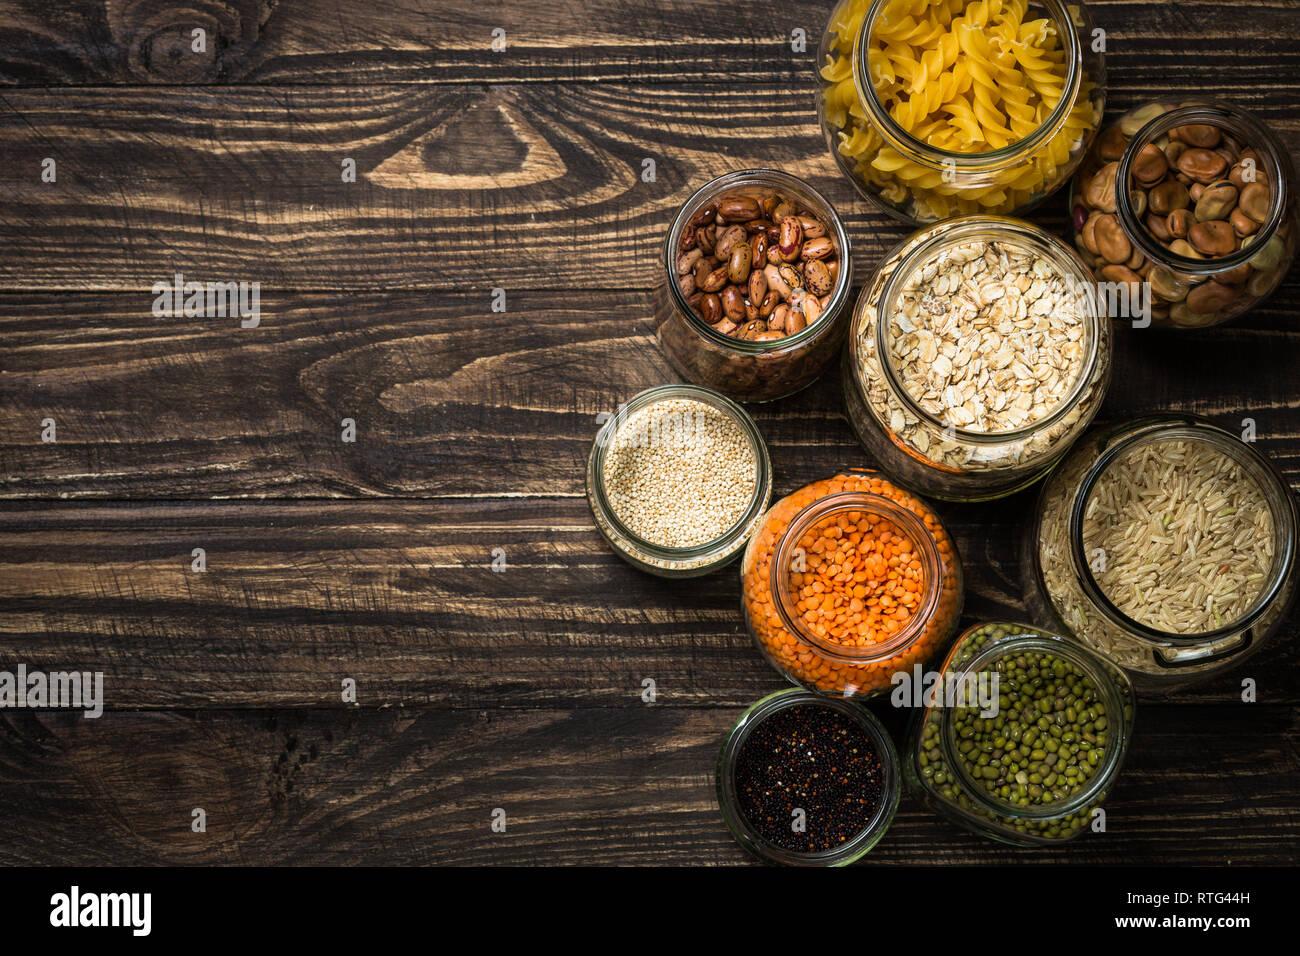 Los cereales, las legumbres y frijoles en tarros de vidrio sobre la mesa de madera oscura. Foto de stock